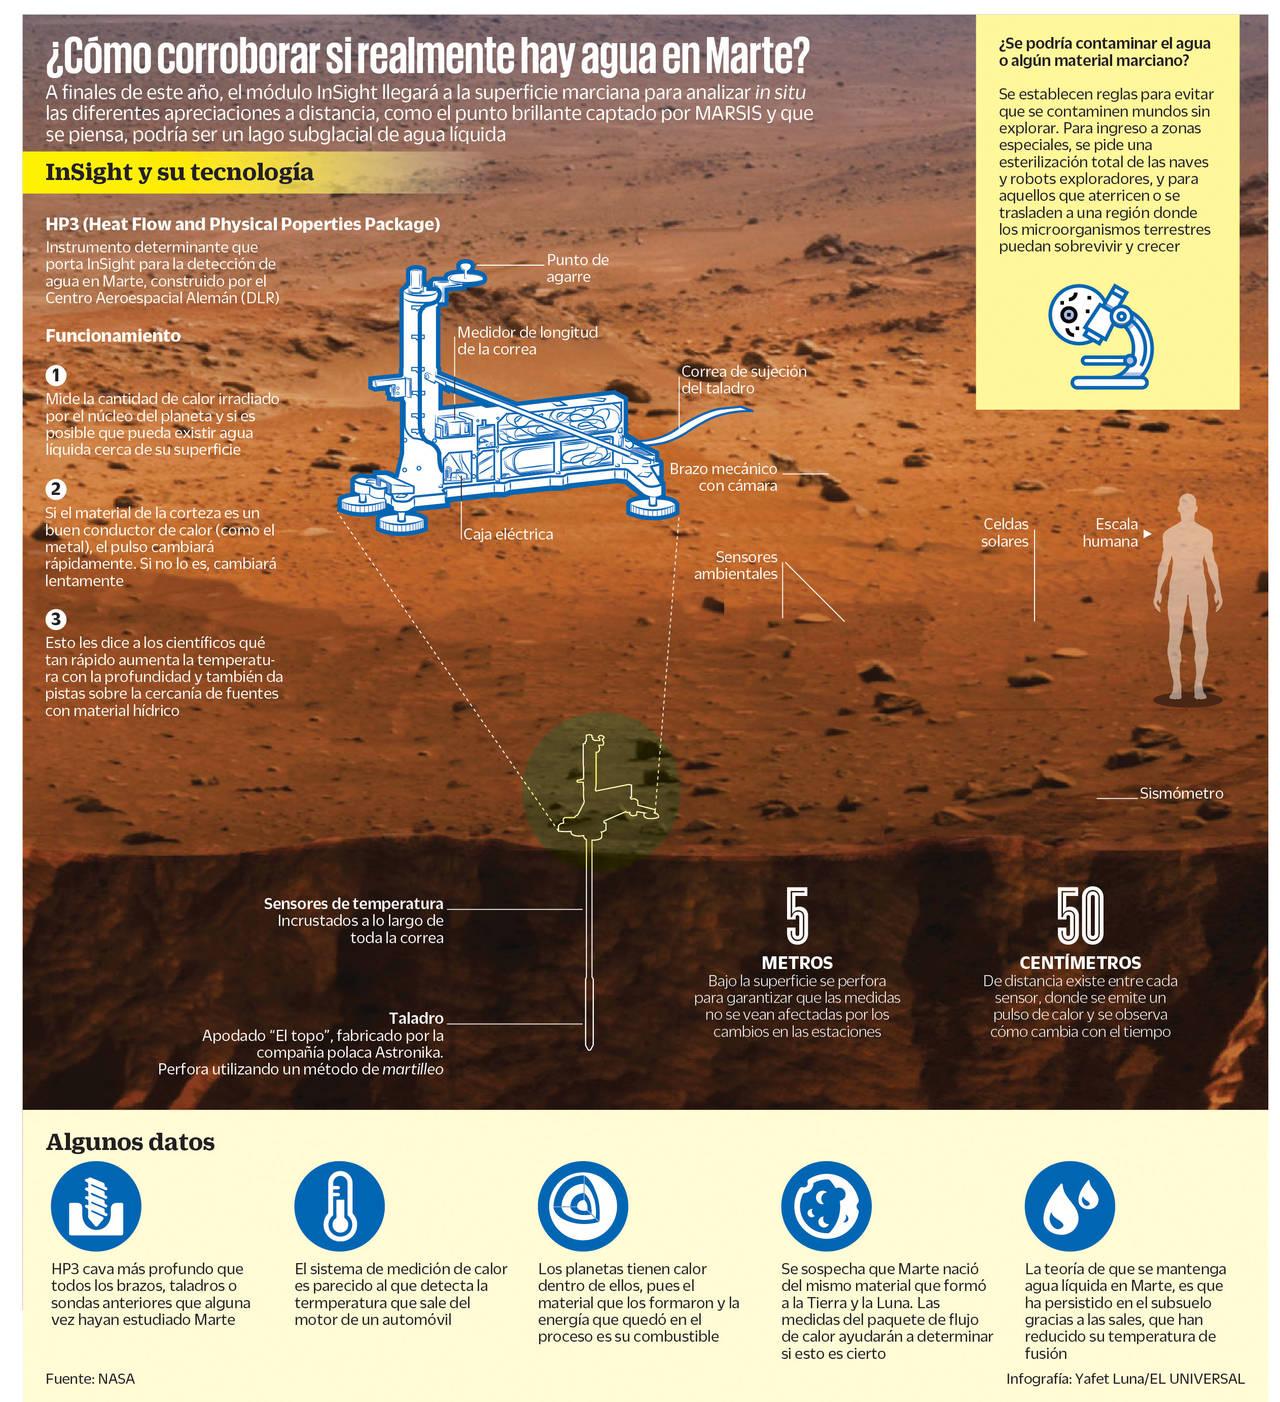 Agua líquida en Marte abre nuevas preguntas